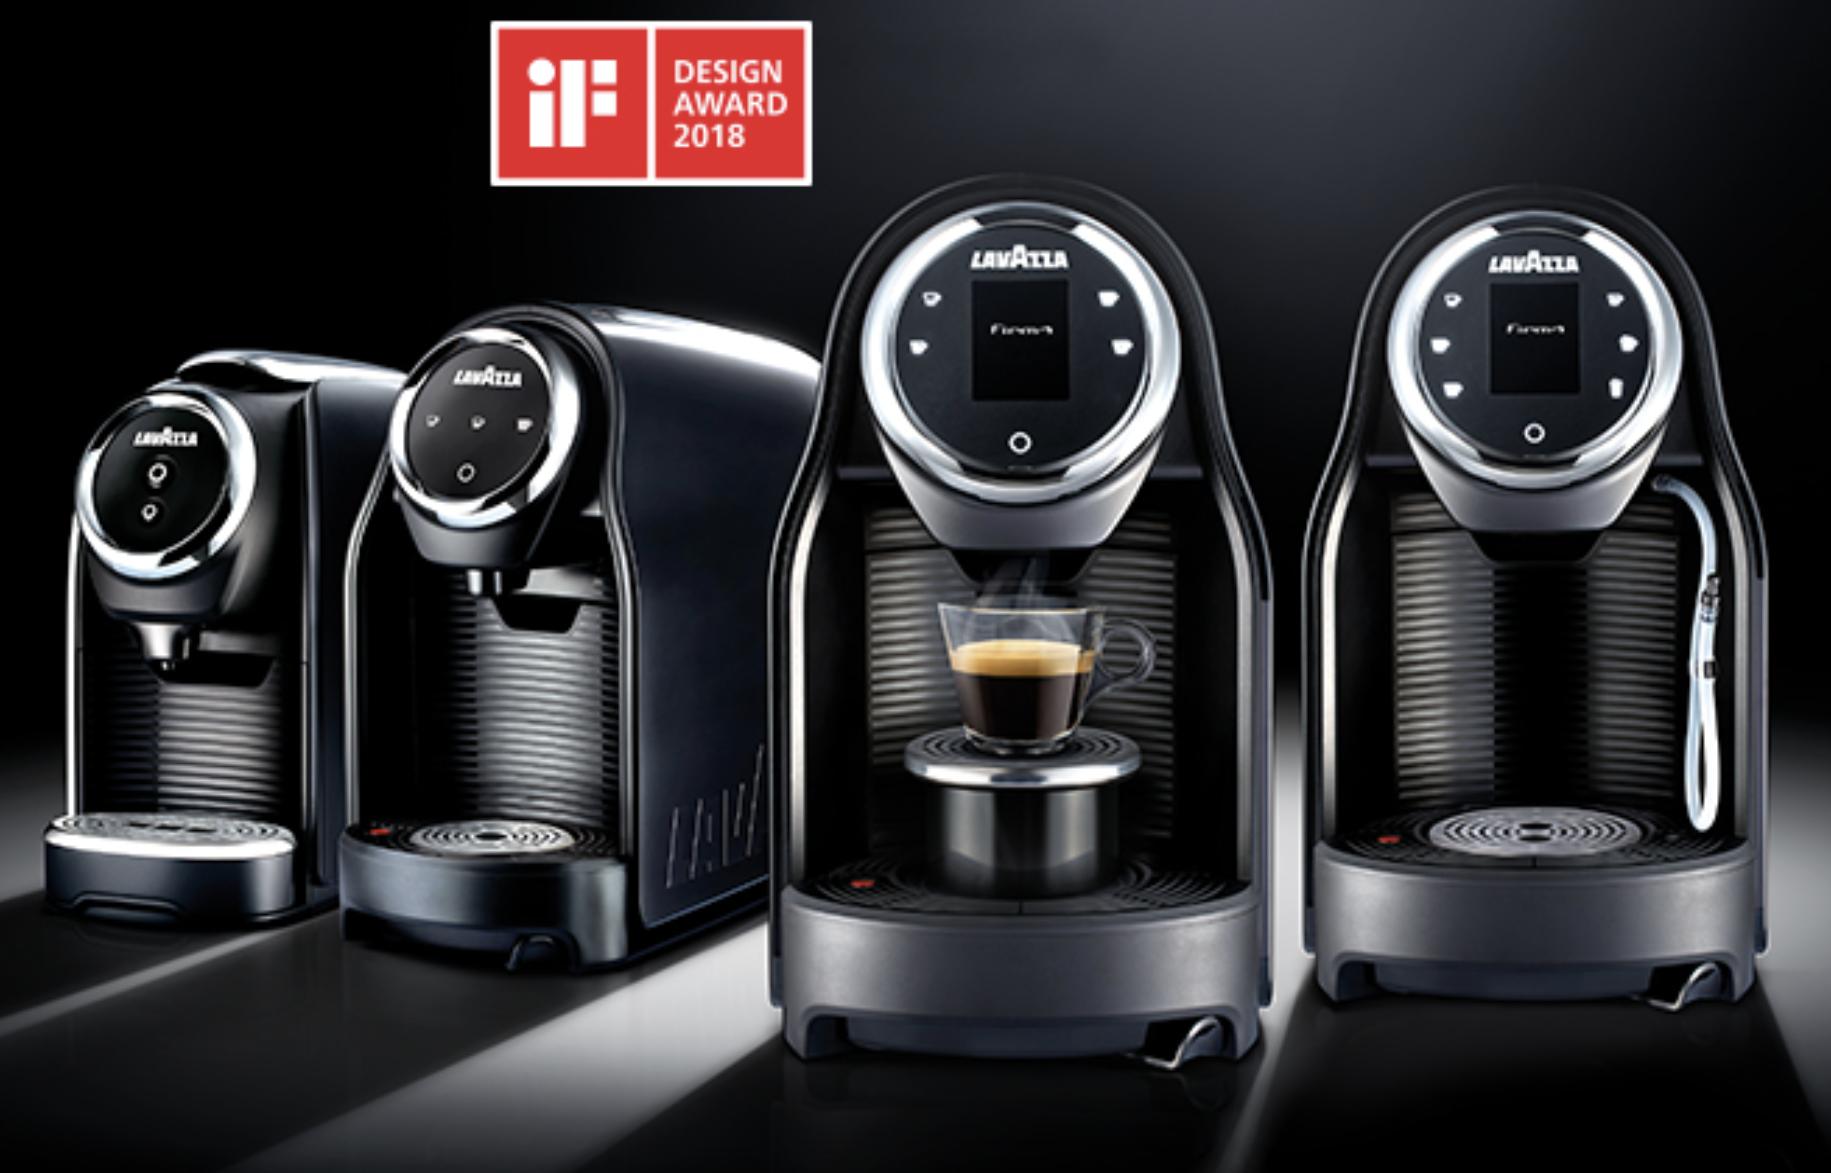 MACCHINE FIRMA COFFEE CUP